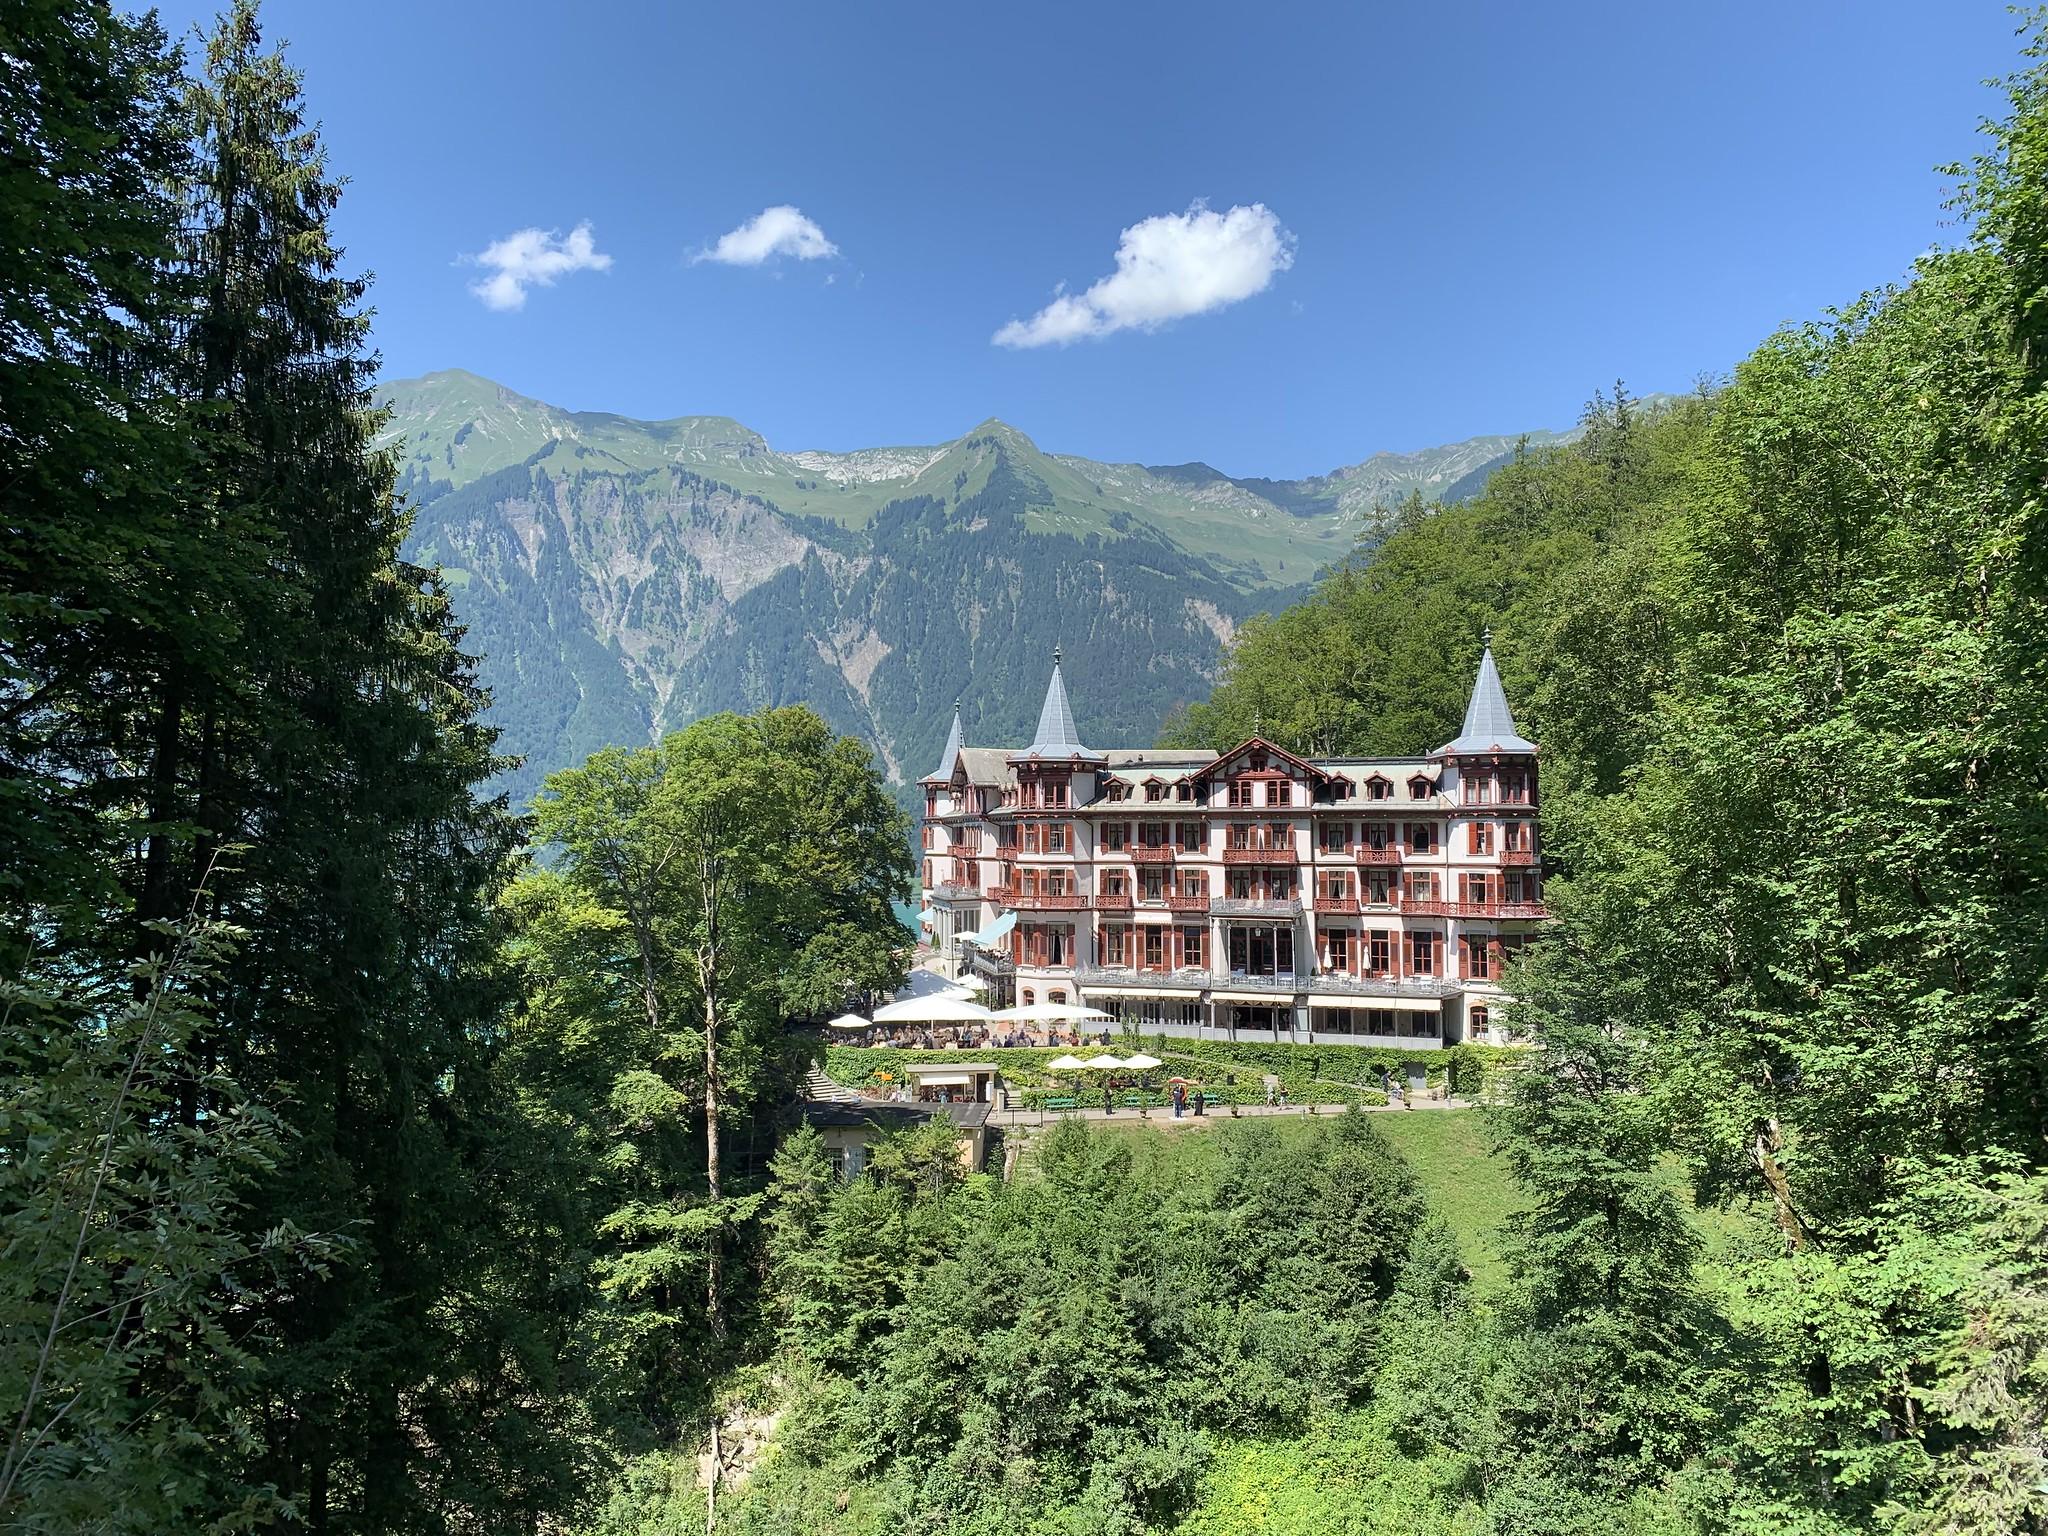 Chasse de lieux dans les Alpes, Suisse